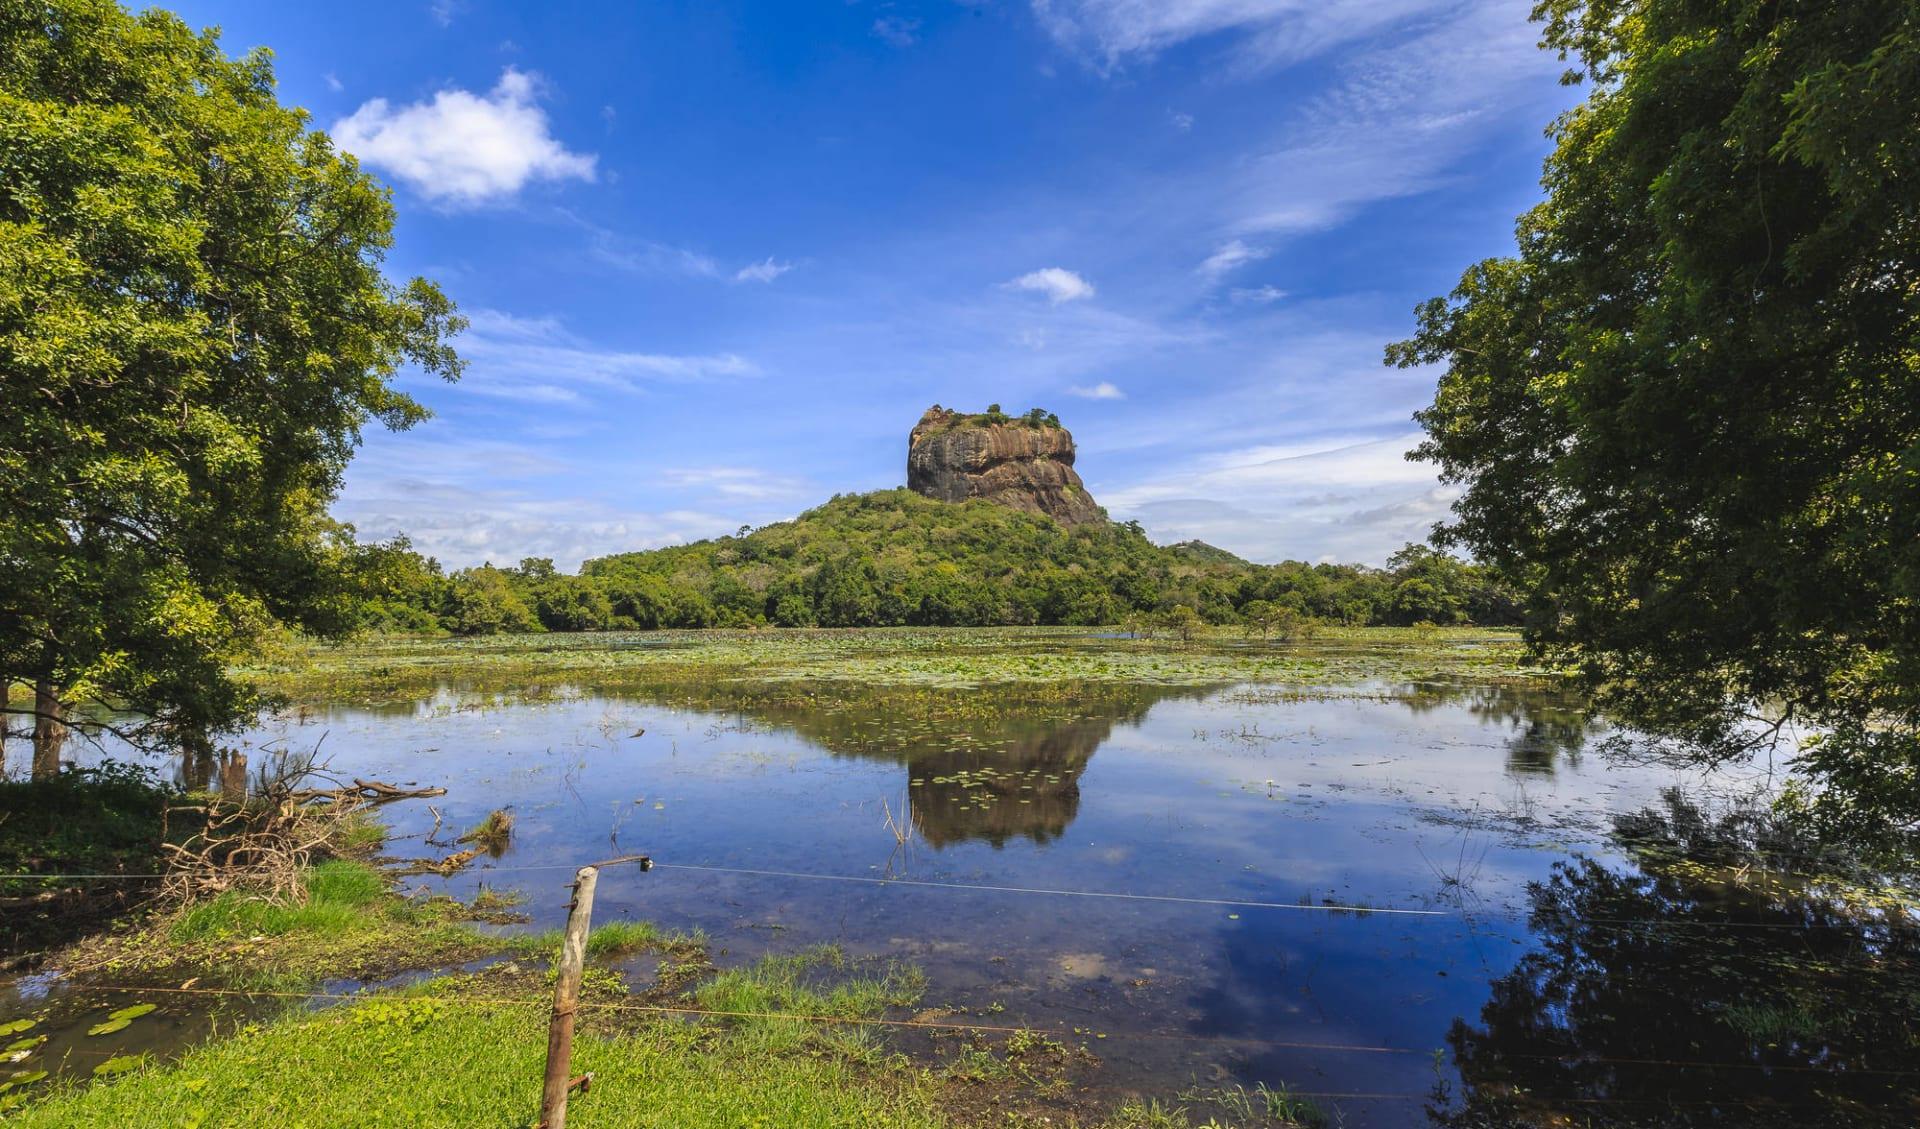 Östliches Sri Lanka im Sommer ab Colombo: Lion Rock and Lake, Sigiriya